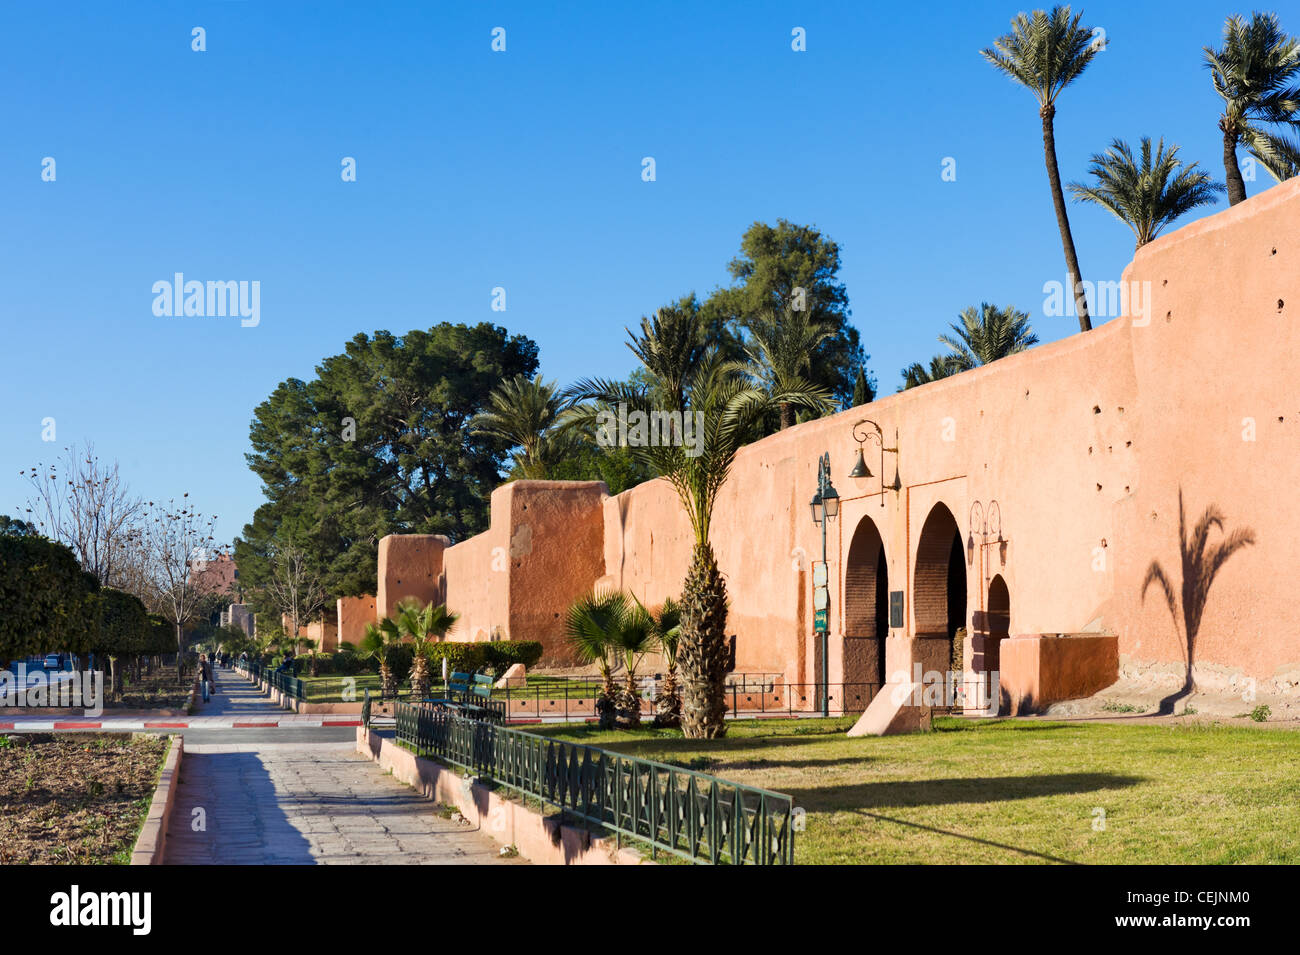 Remparts entourant le quartier de la médina, Marrakech, Maroc, Afrique du Nord Photo Stock